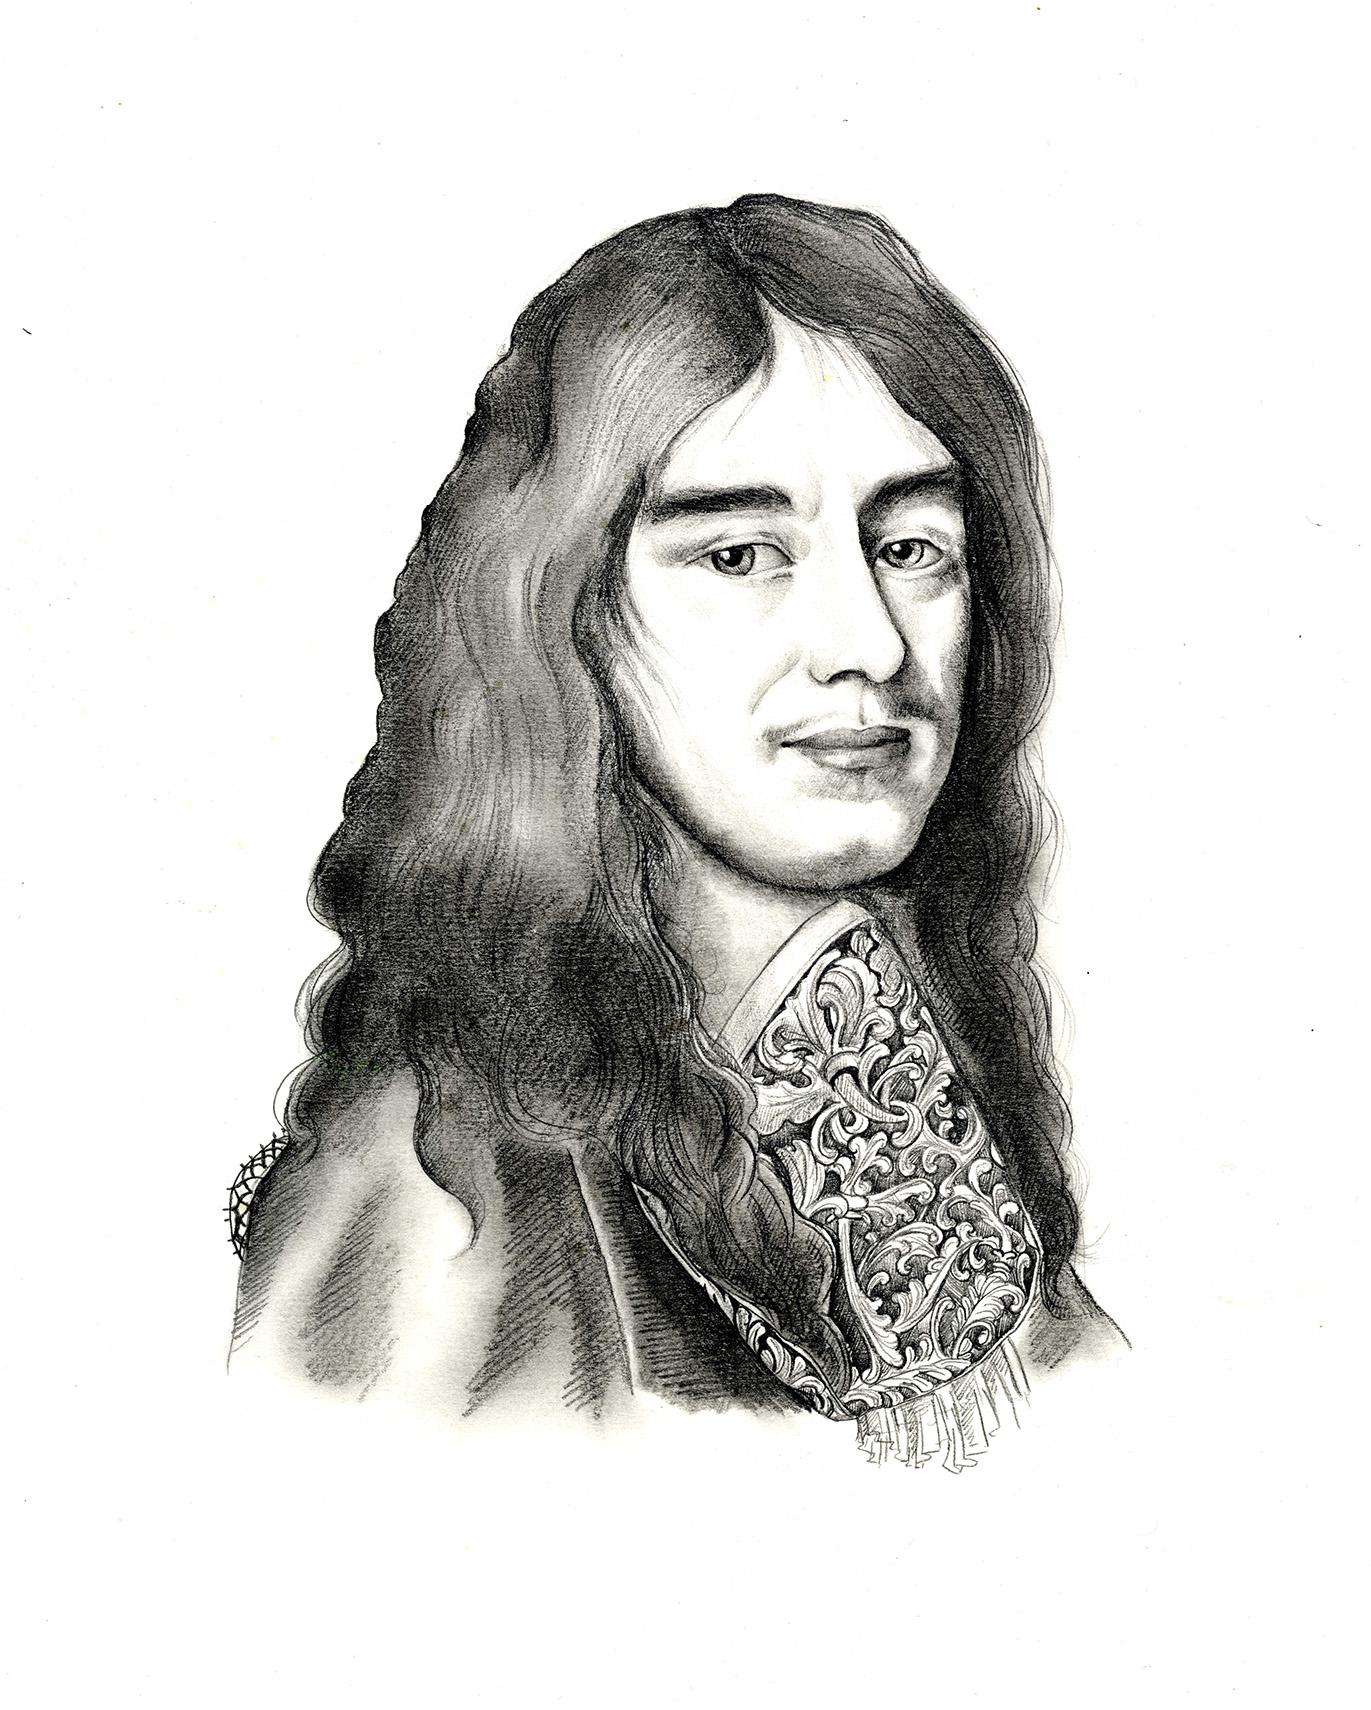 Charles Perrault